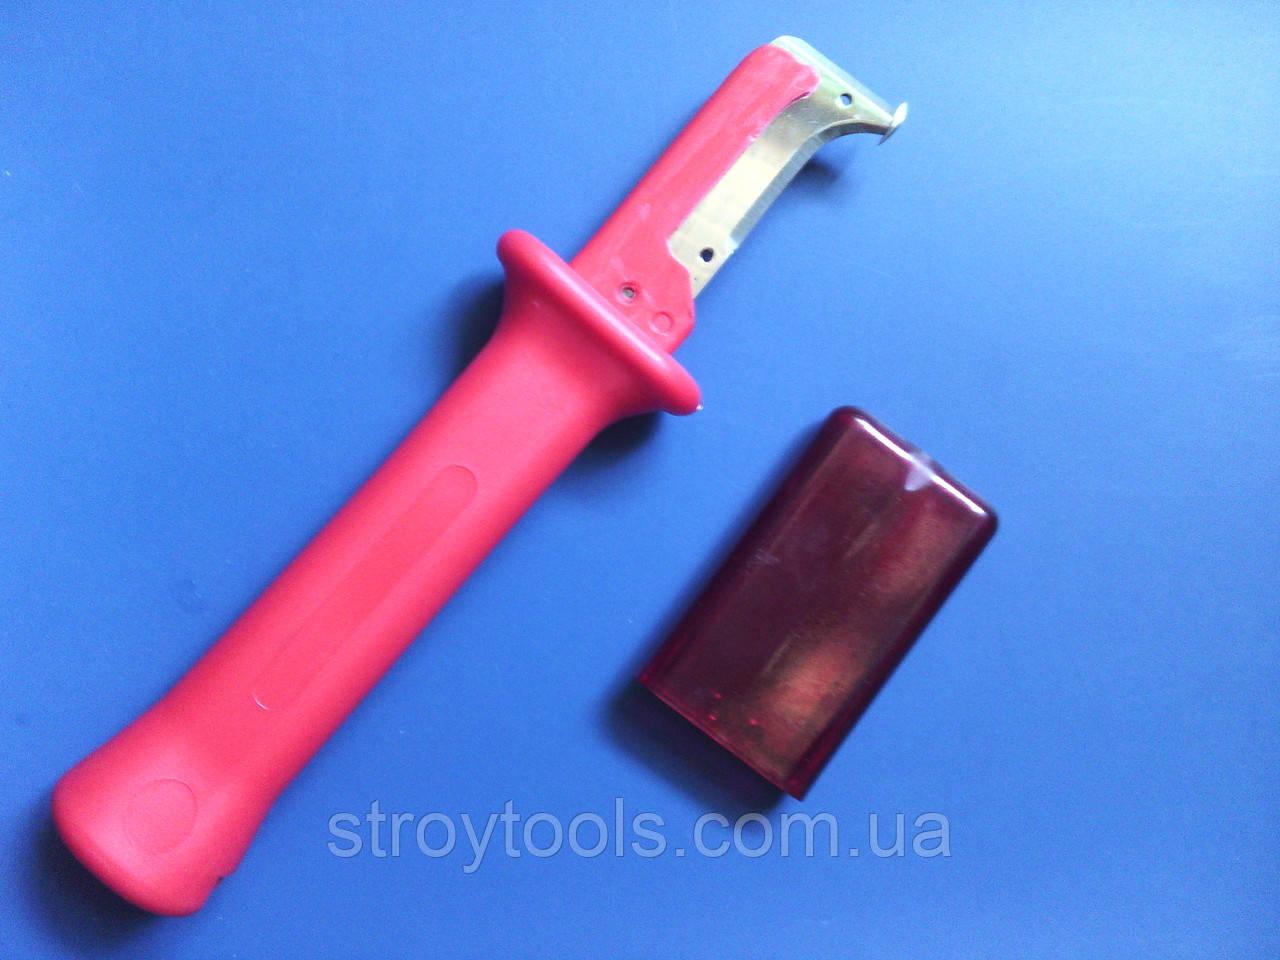 Нож монтерский изогнутый с пяткой для снятия изоляции.31HS  .190 мм .. Купить в Киеве.